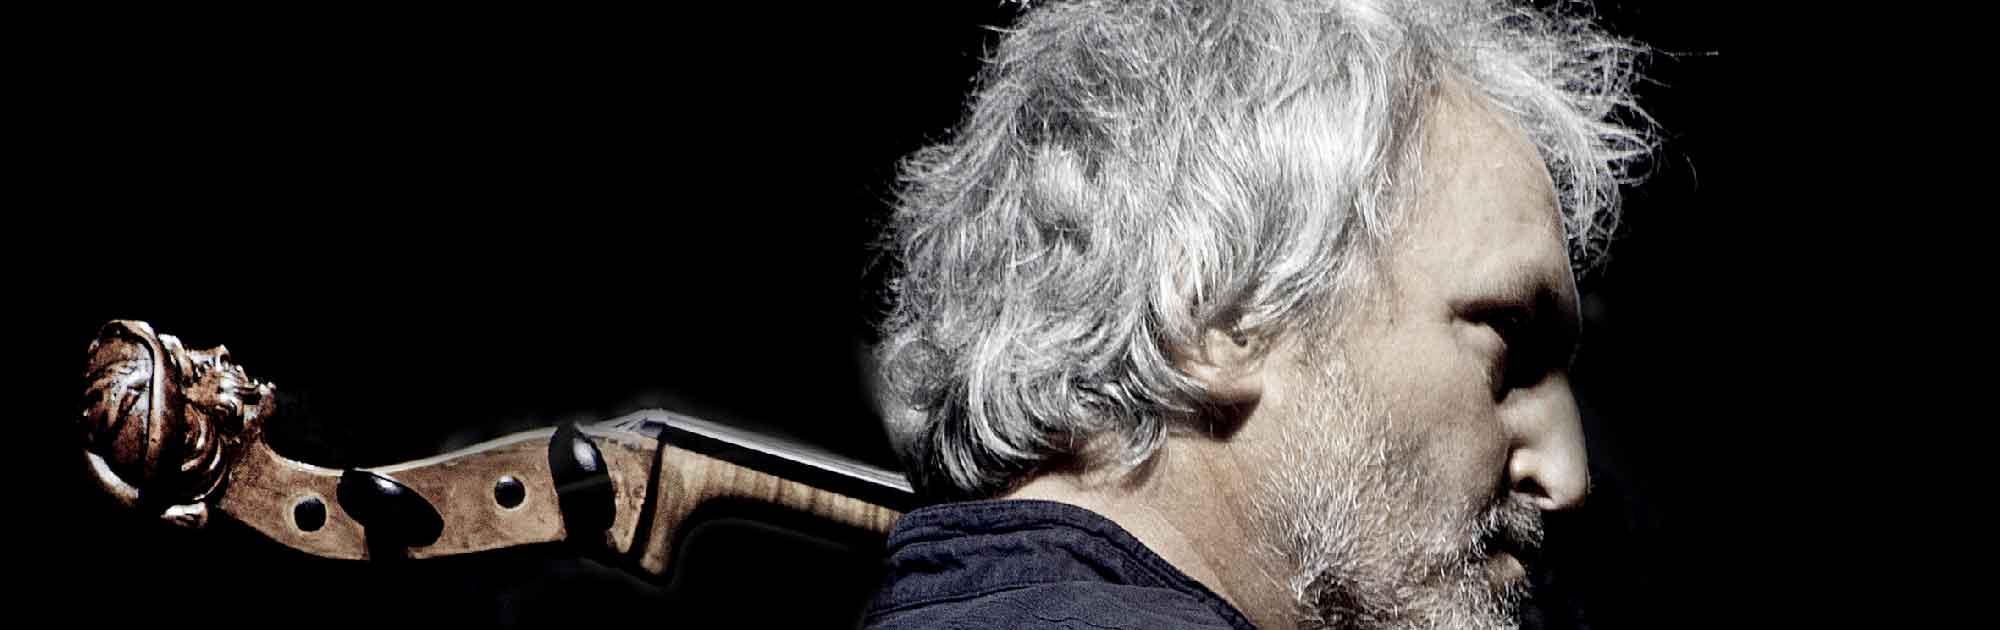 MARIO BRUNELLO violoncello solo